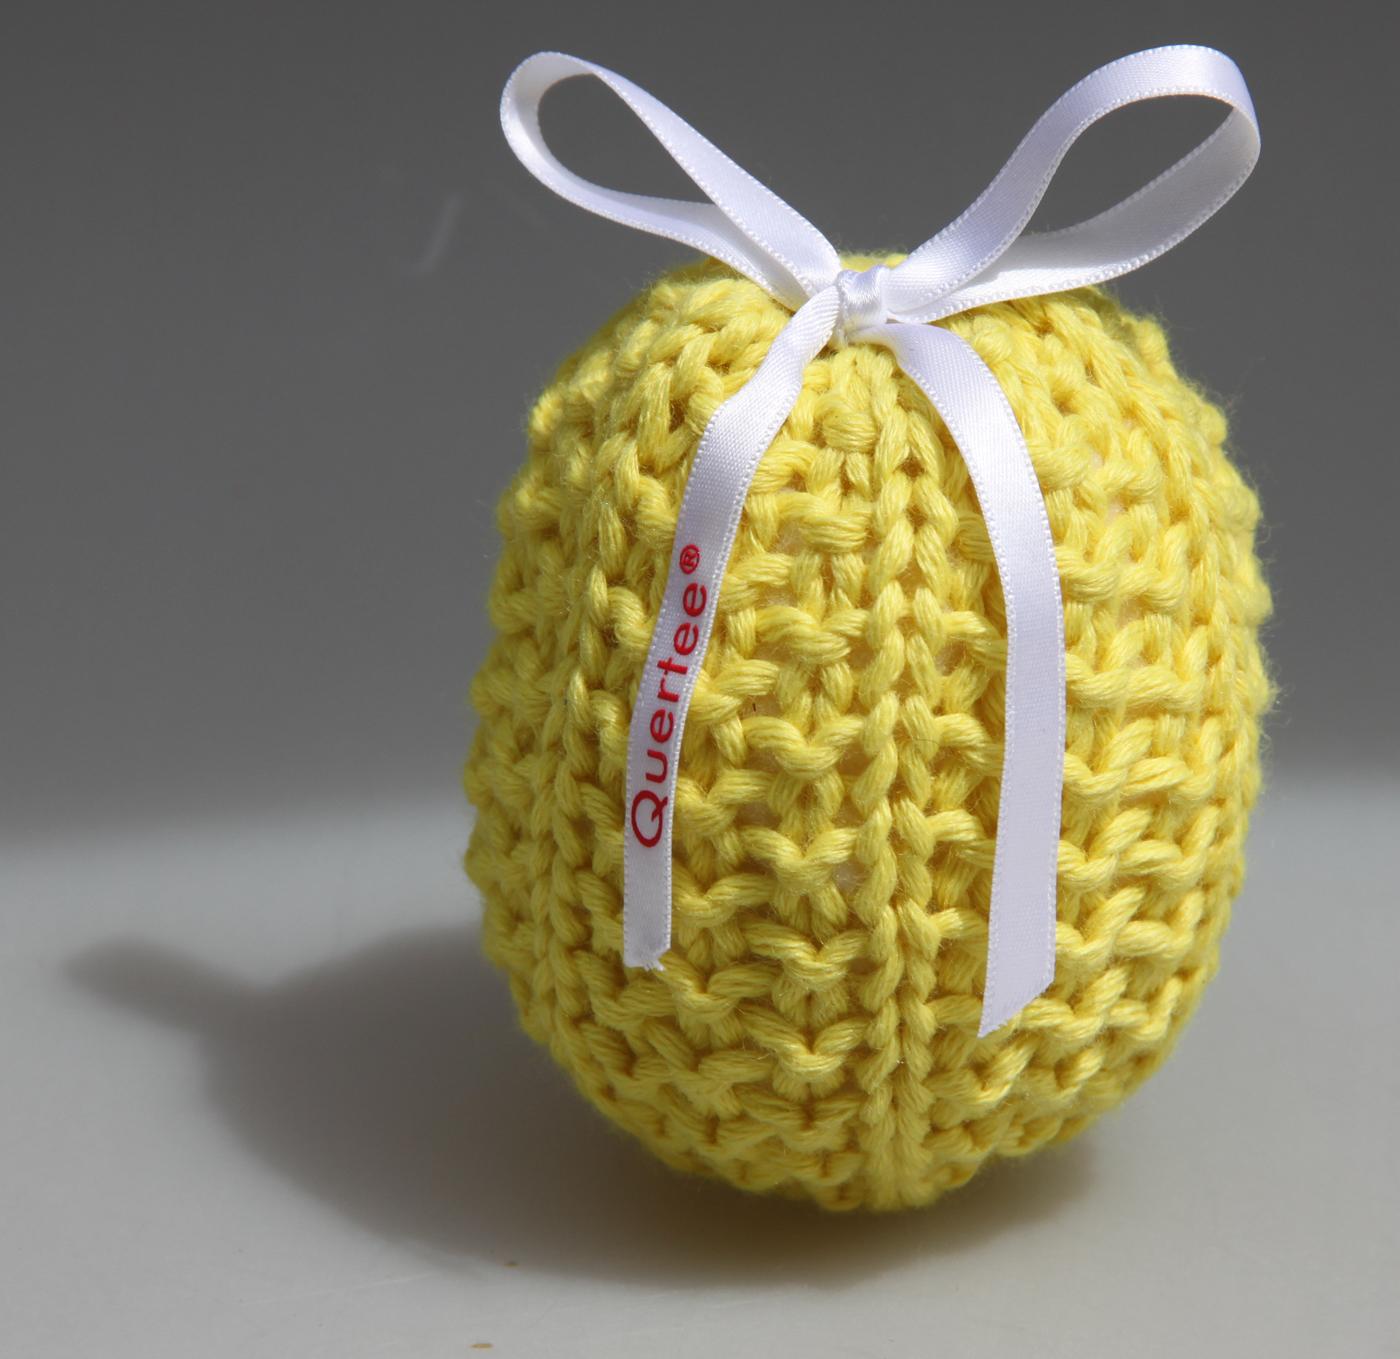 Gelbe Lavendelsäckchen liebevoll gestrickt. Gefüllt mit echtem französichem Lavendel - 10 g von Quertee®